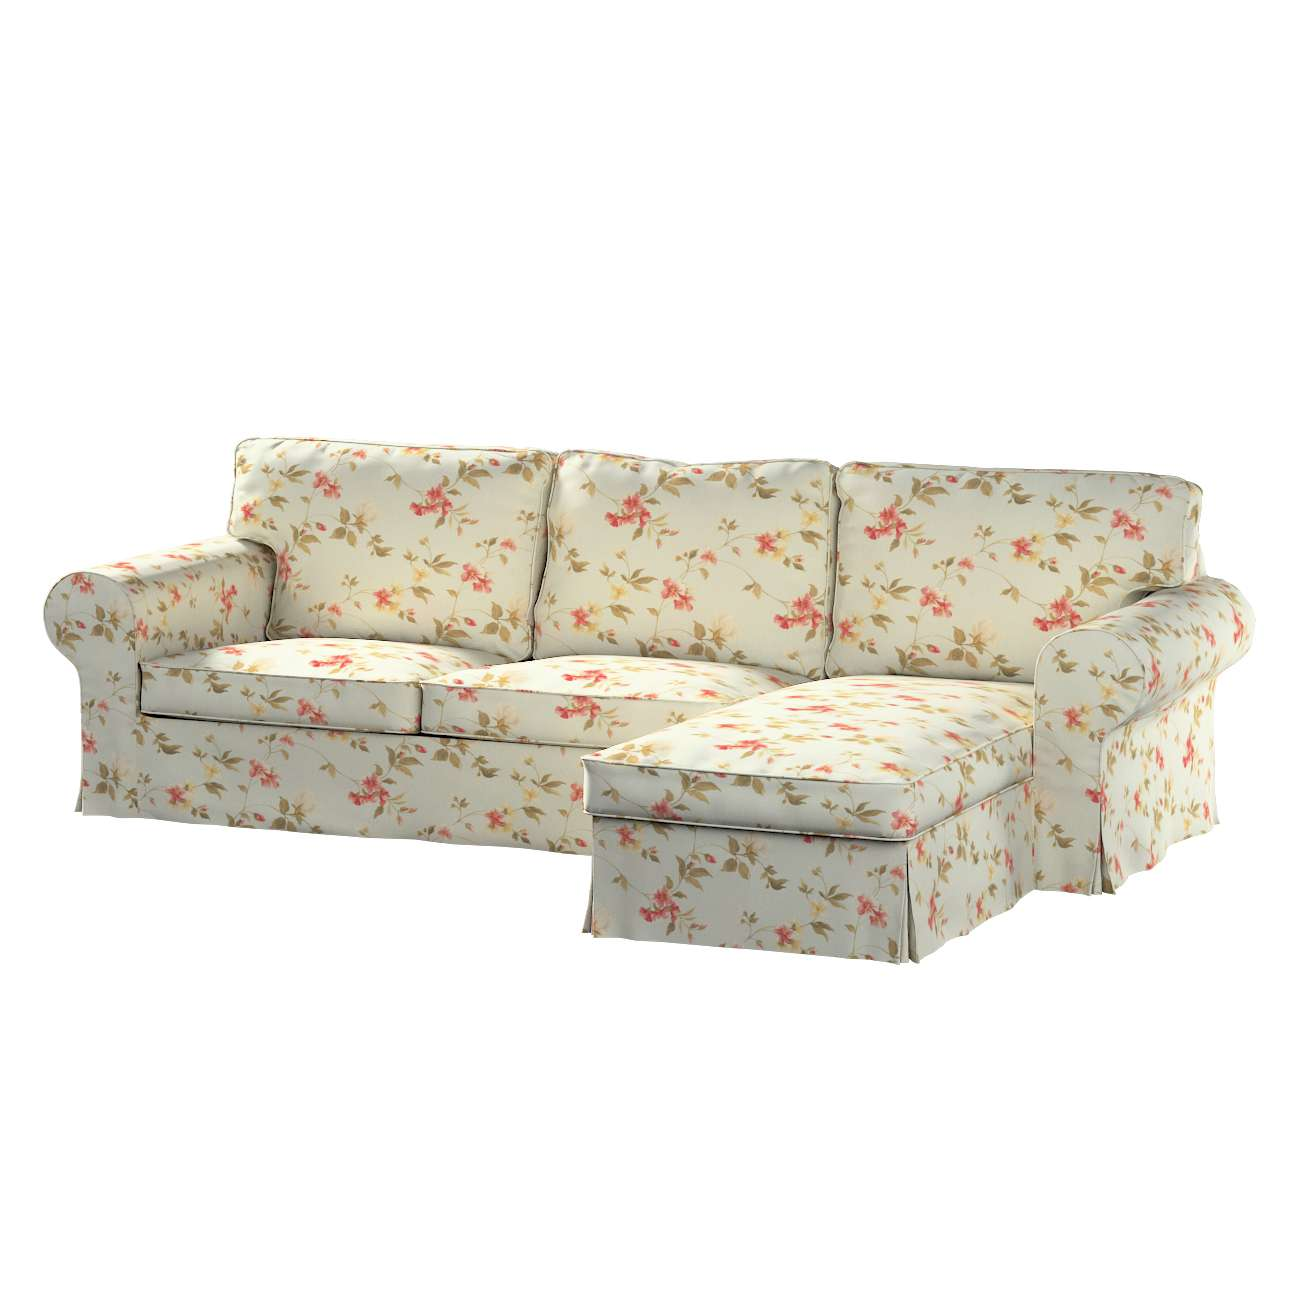 Pokrowiec na sofę Ektorp 2-osobową i leżankę w kolekcji Londres, tkanina: 124-65